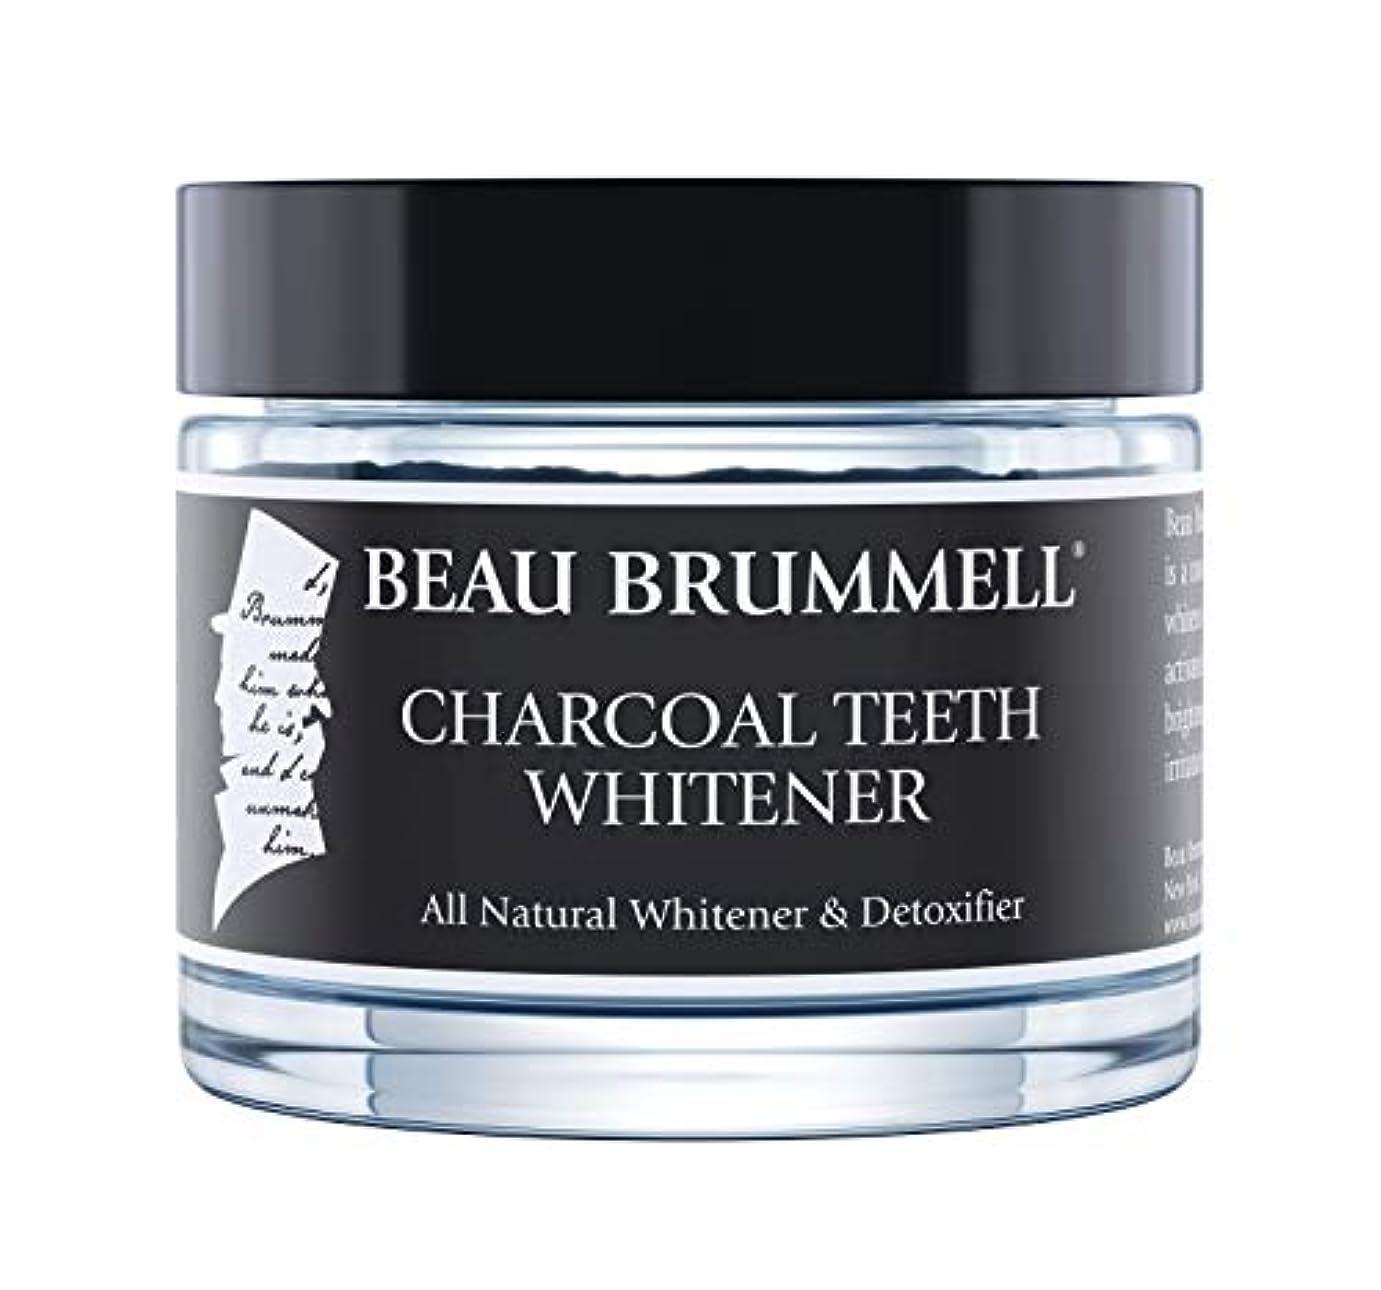 誘う針共産主義者Beau Brummell チャコール歯ナーナチュラル炭オーガニックココナッツ炭グレードホワイトニングパウダーを活性化